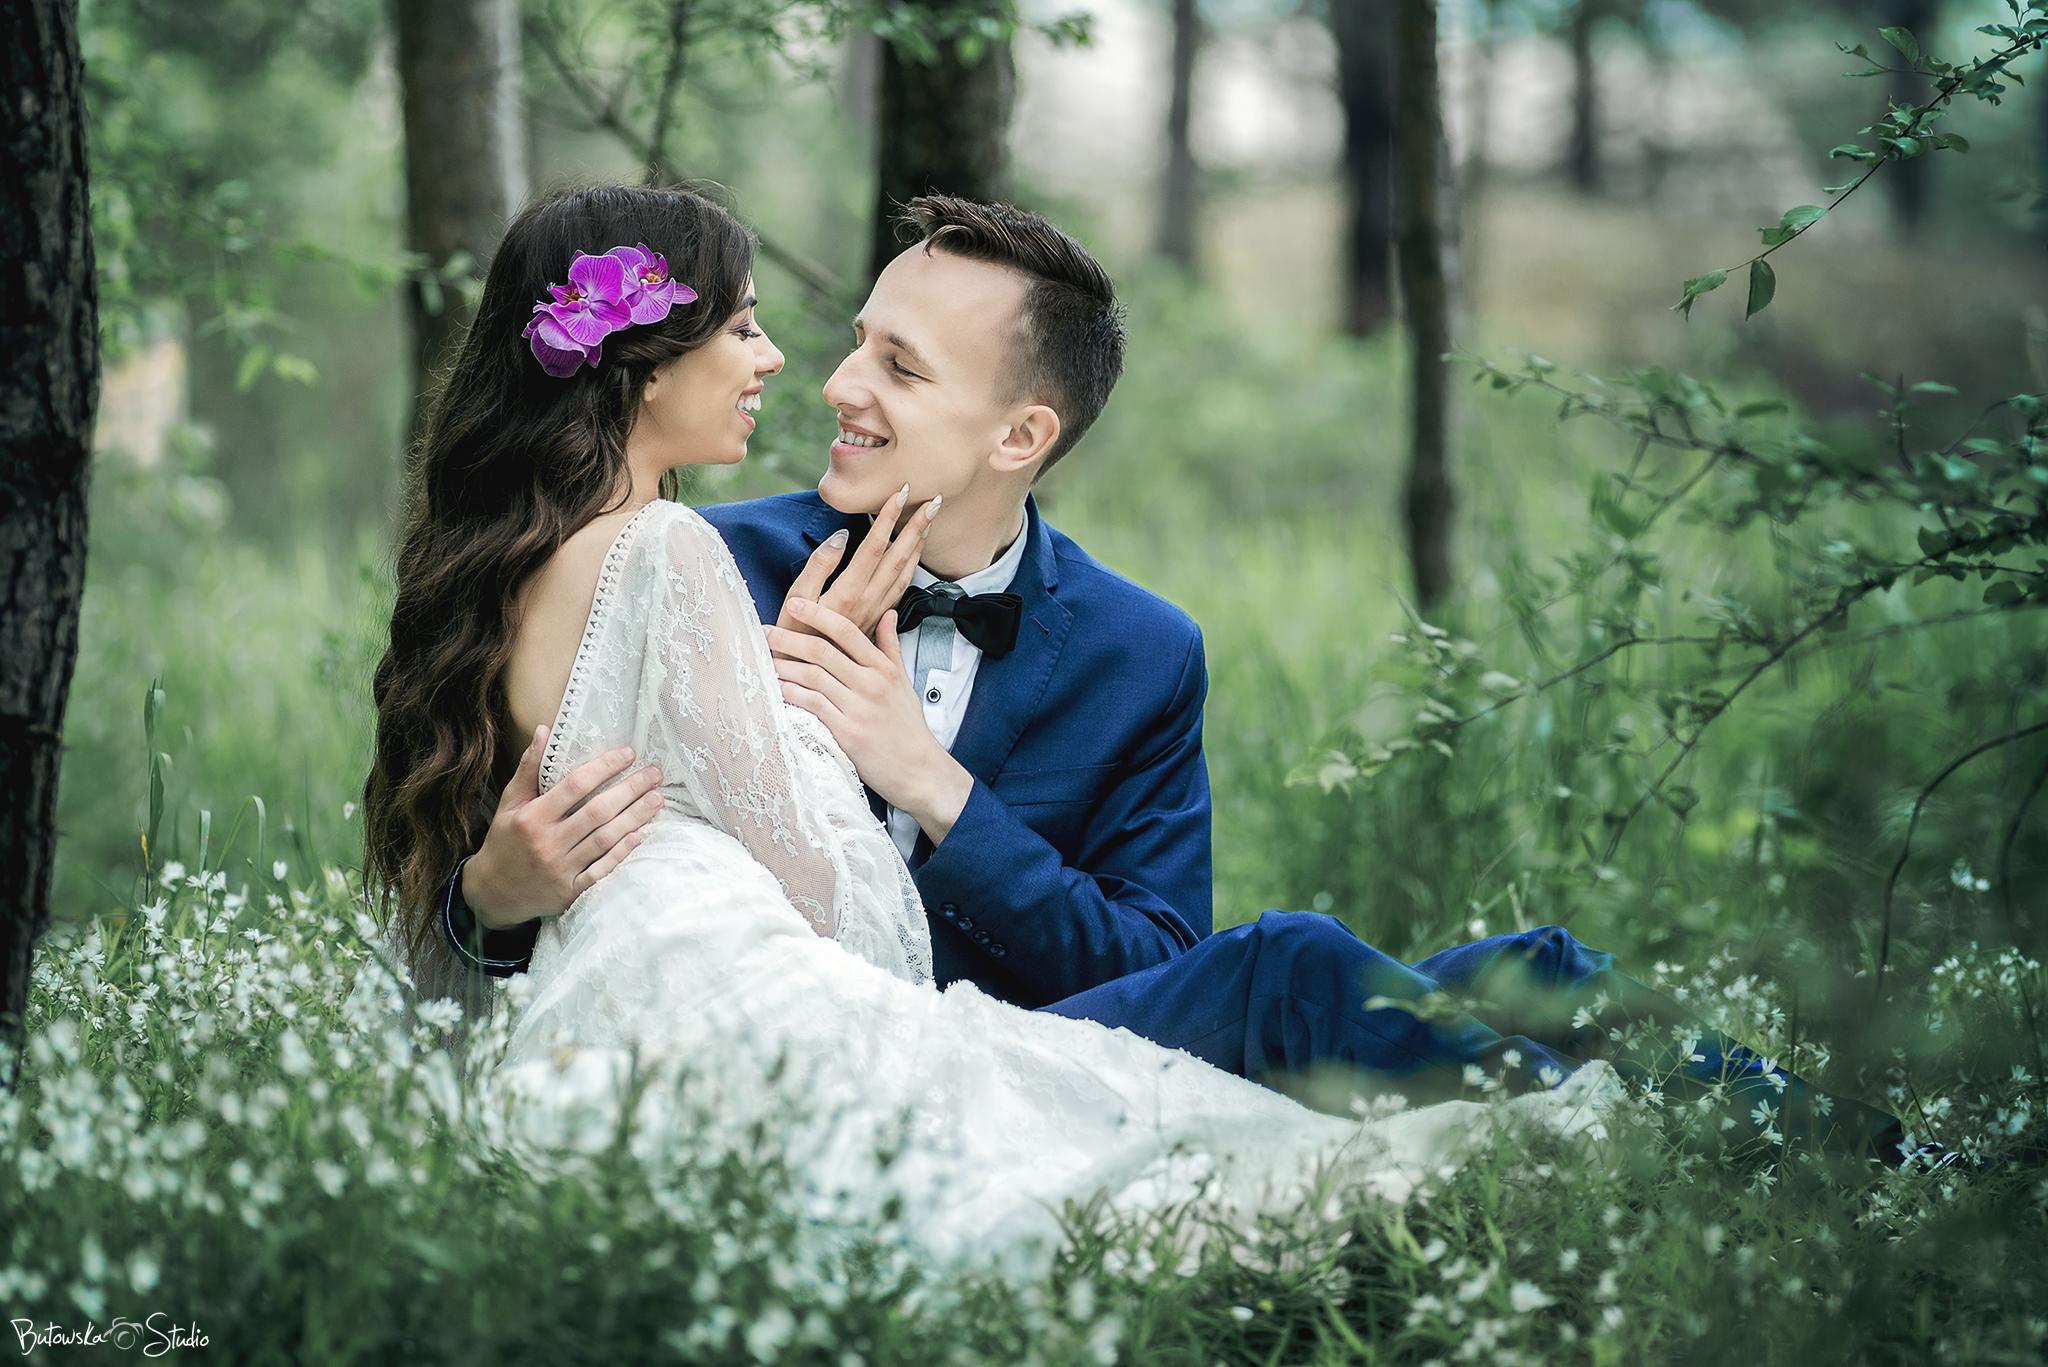 Valentina & Mateusz